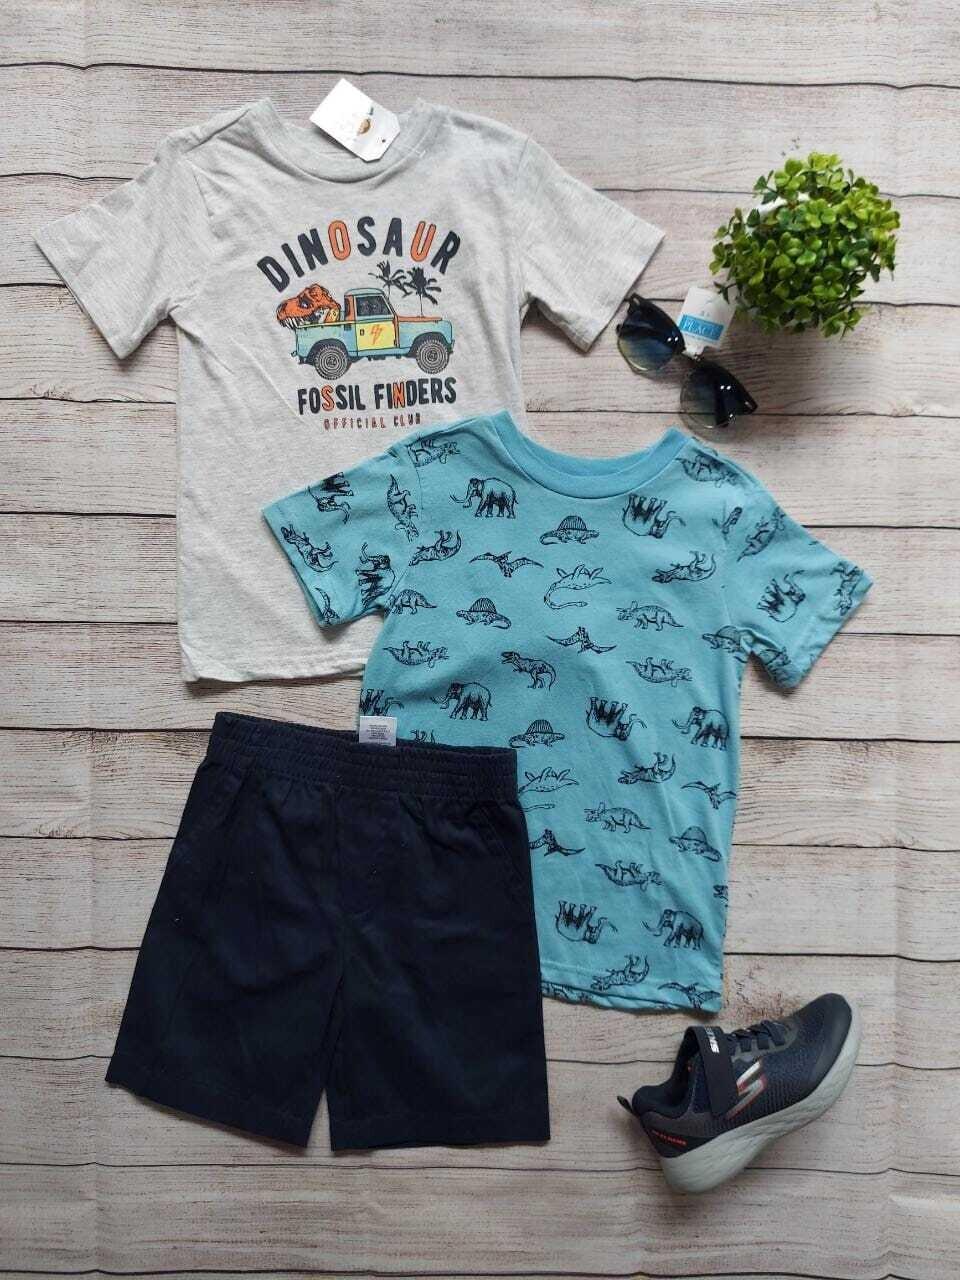 Set 3 piezas, camiseta gris + camiseta celeste dinosaurios + short azul marino, 4 años